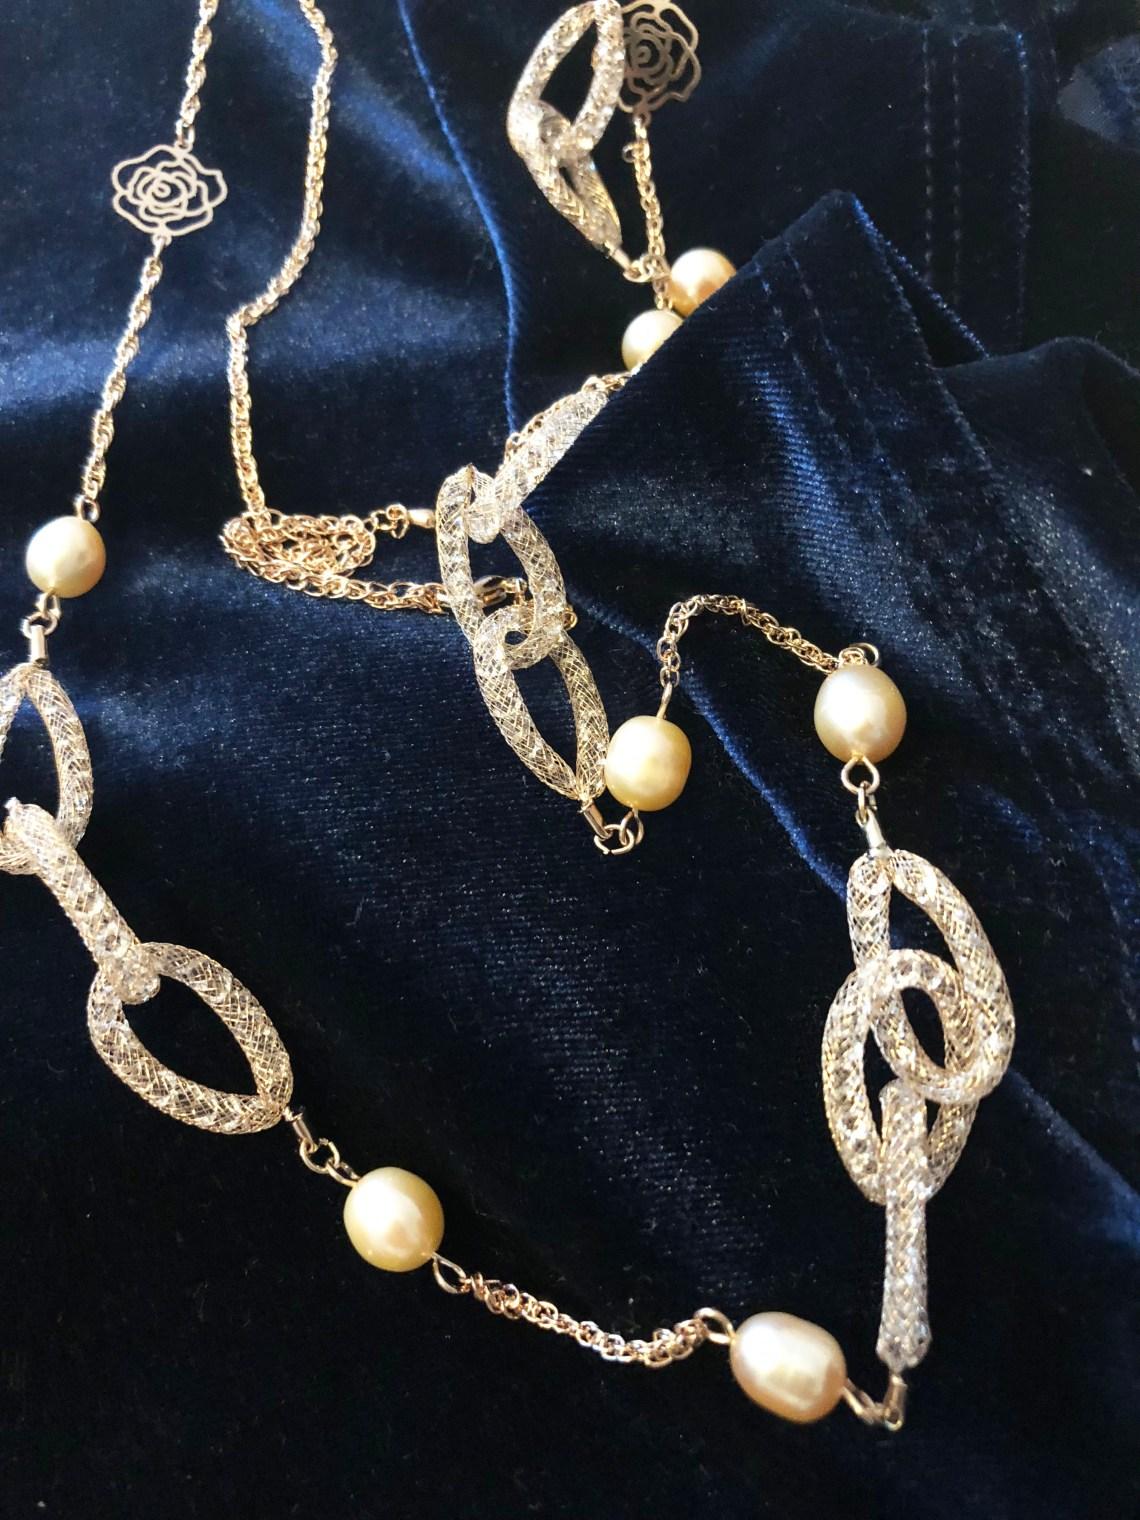 Embellished Necklace + Blue Velvet Top